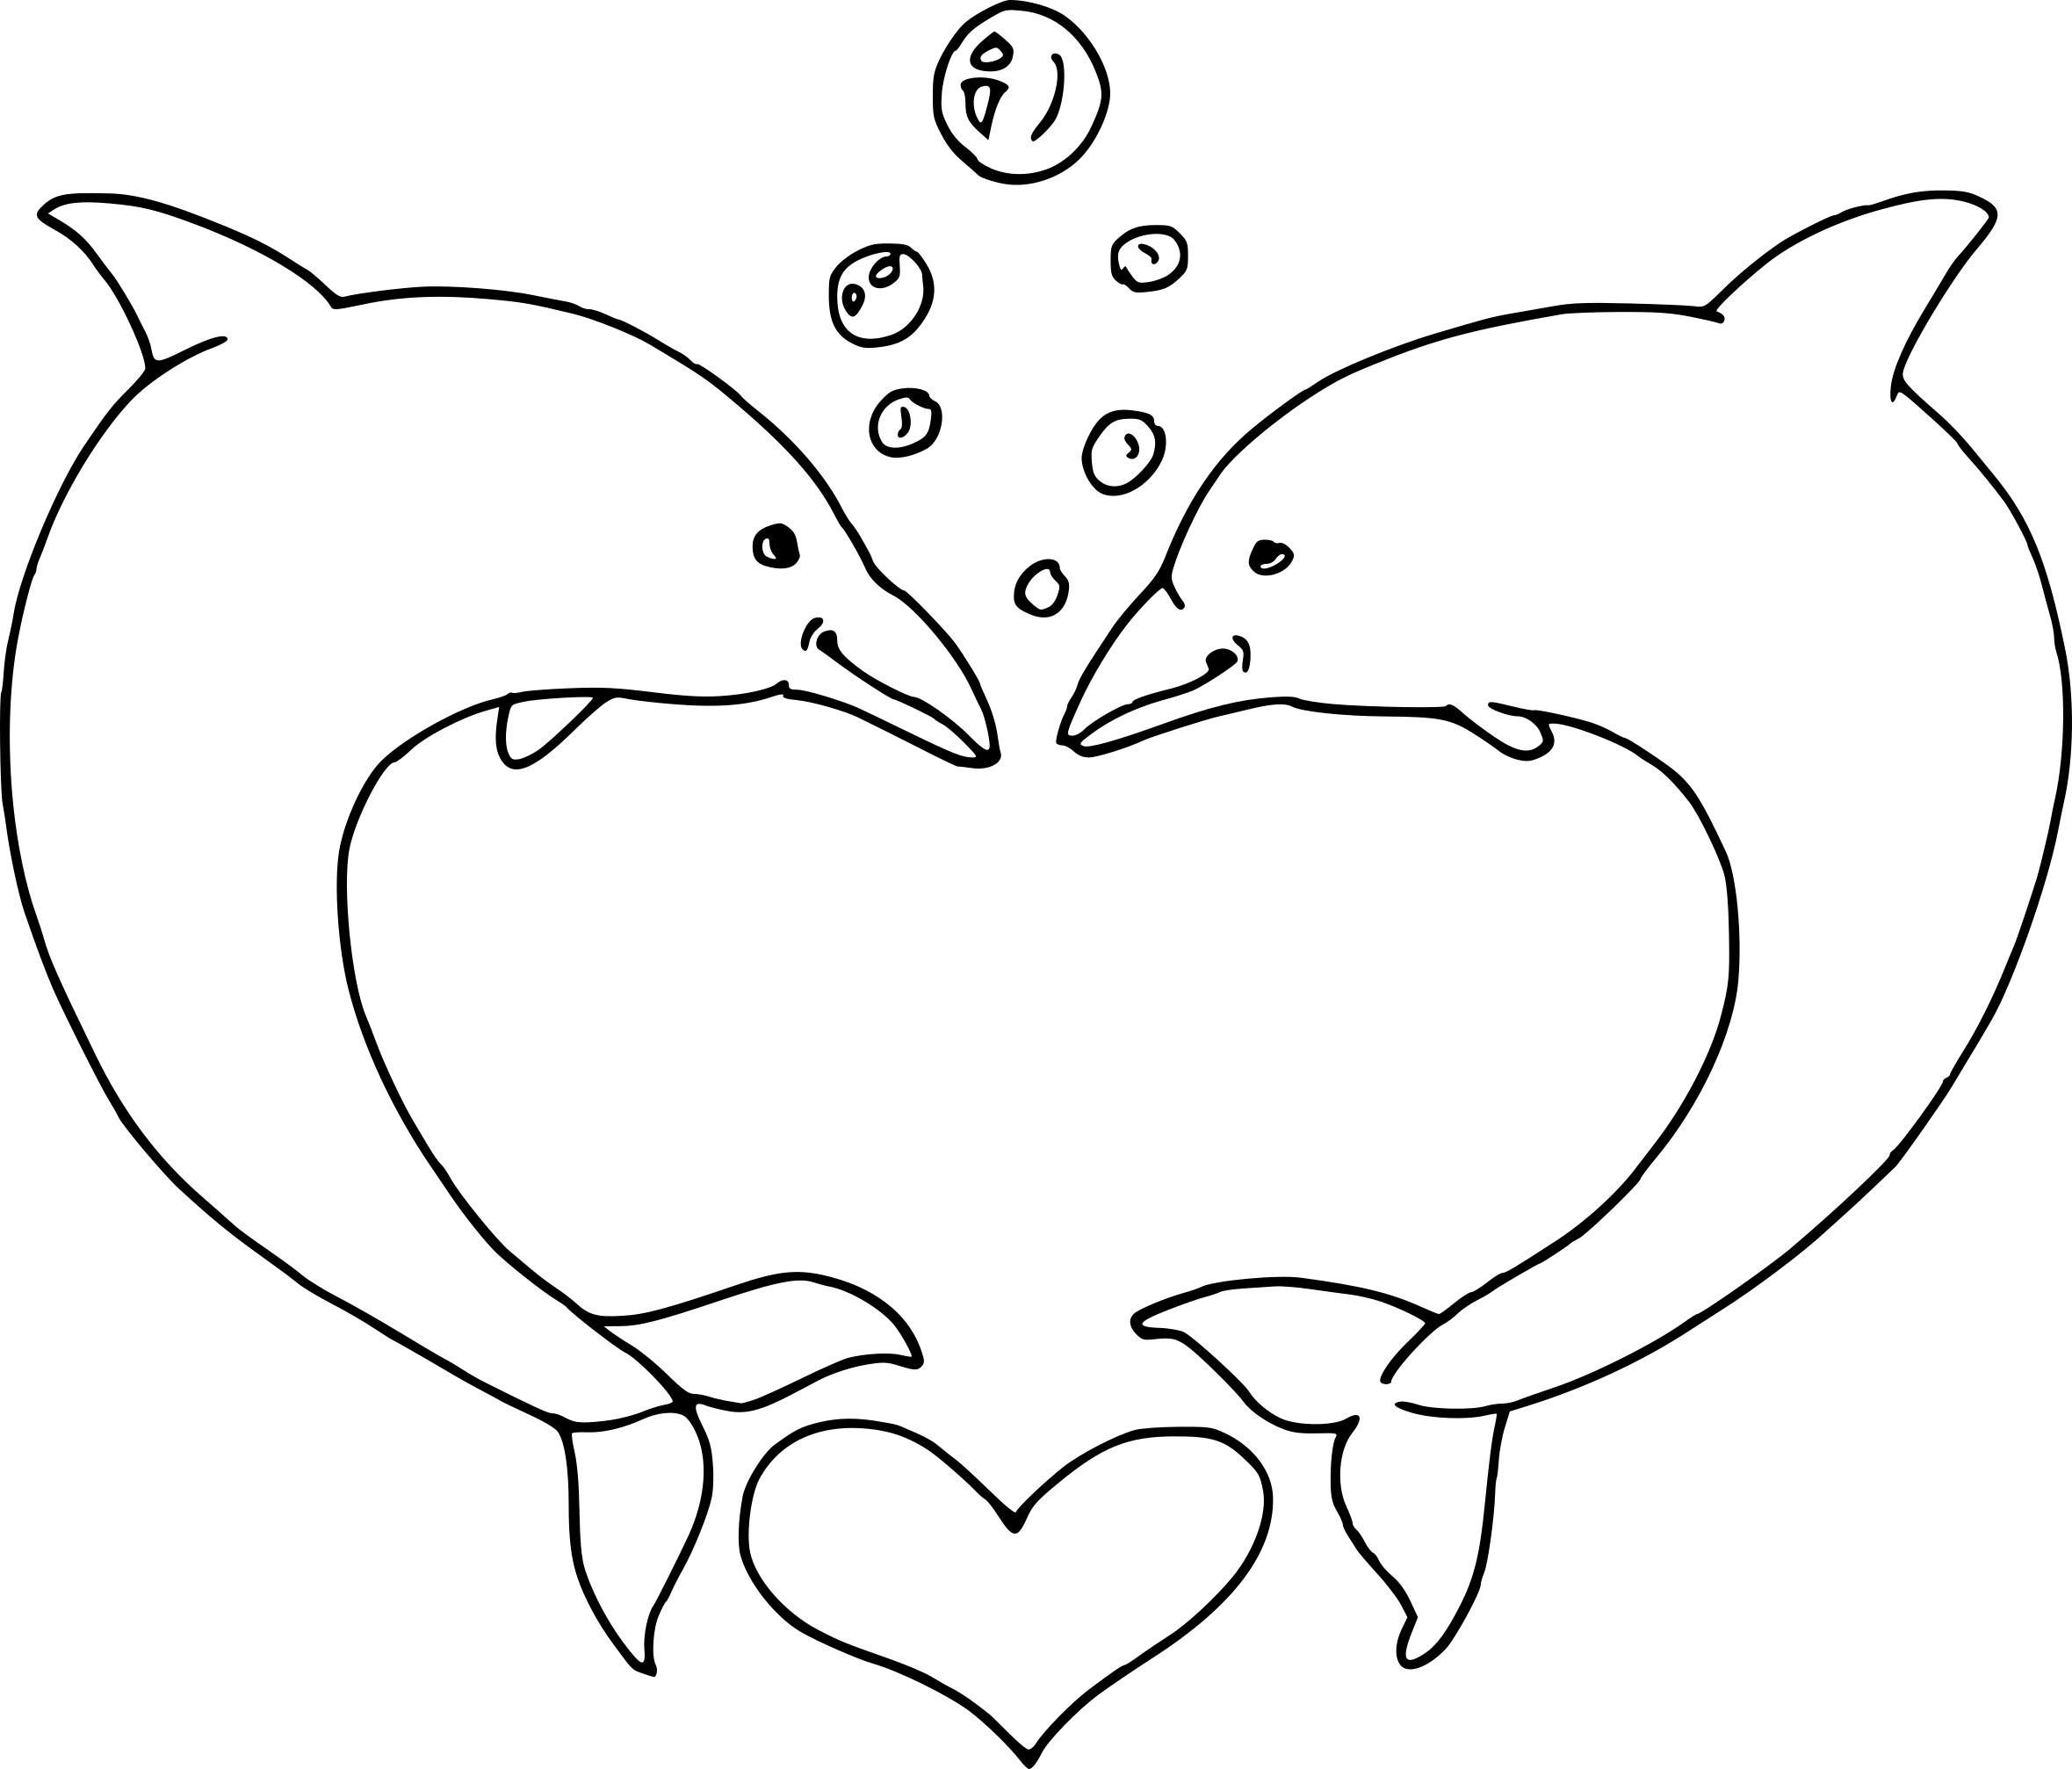 Coloriage Dauphin Cœur À Imprimer Sur Coloriages concernant Dessin Dauphin A Imprimer